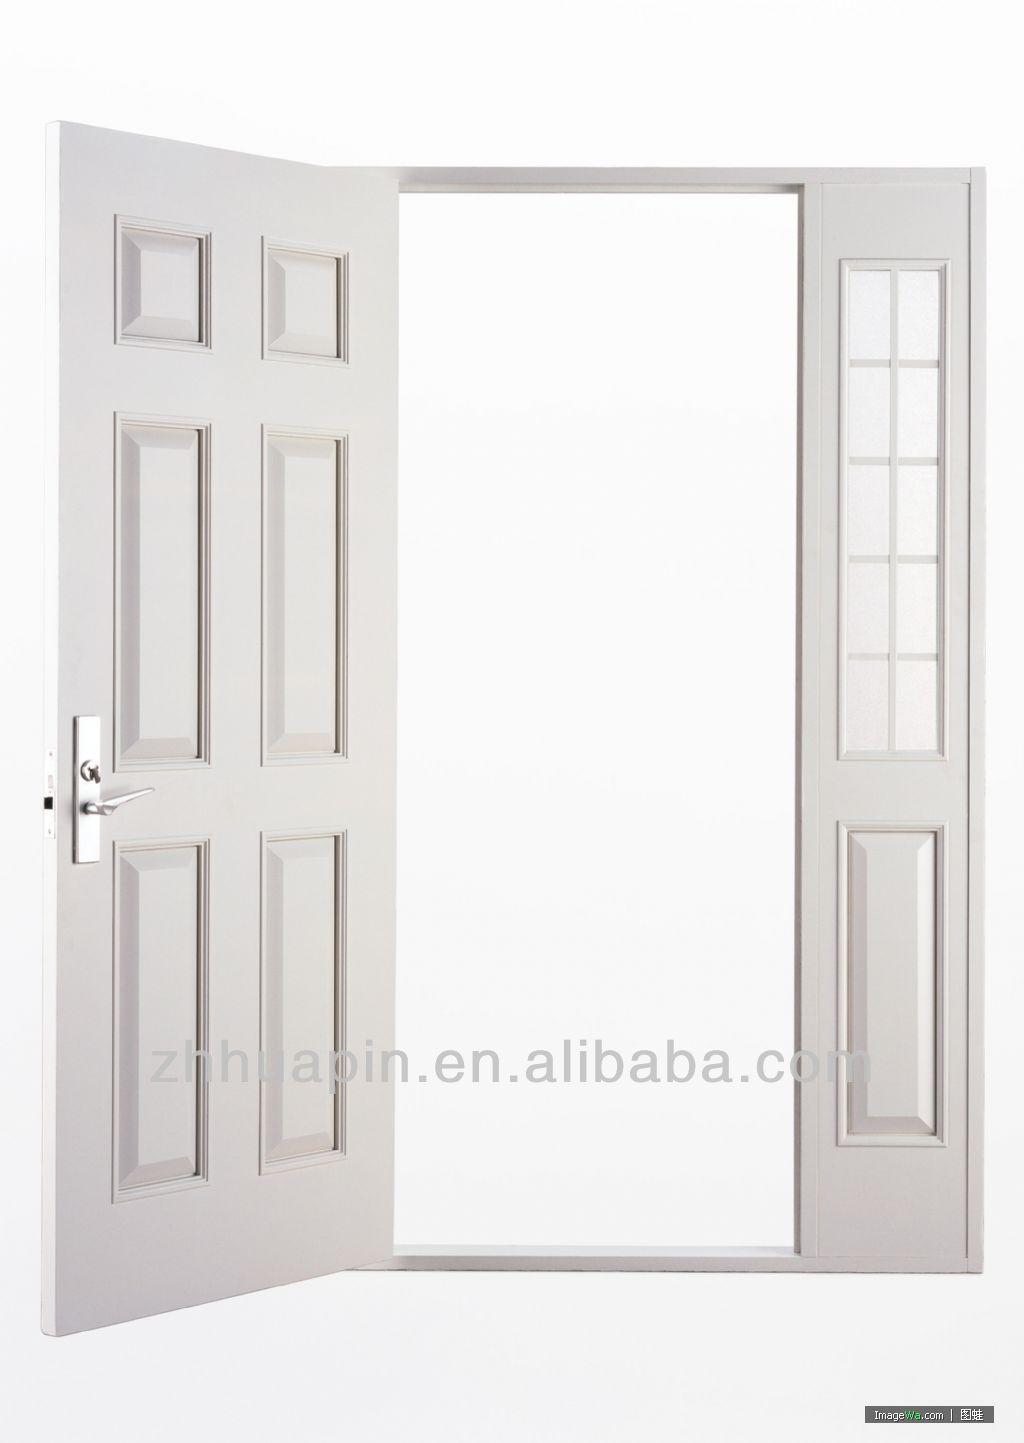 one and half wooden main entrance door design buy wooden main